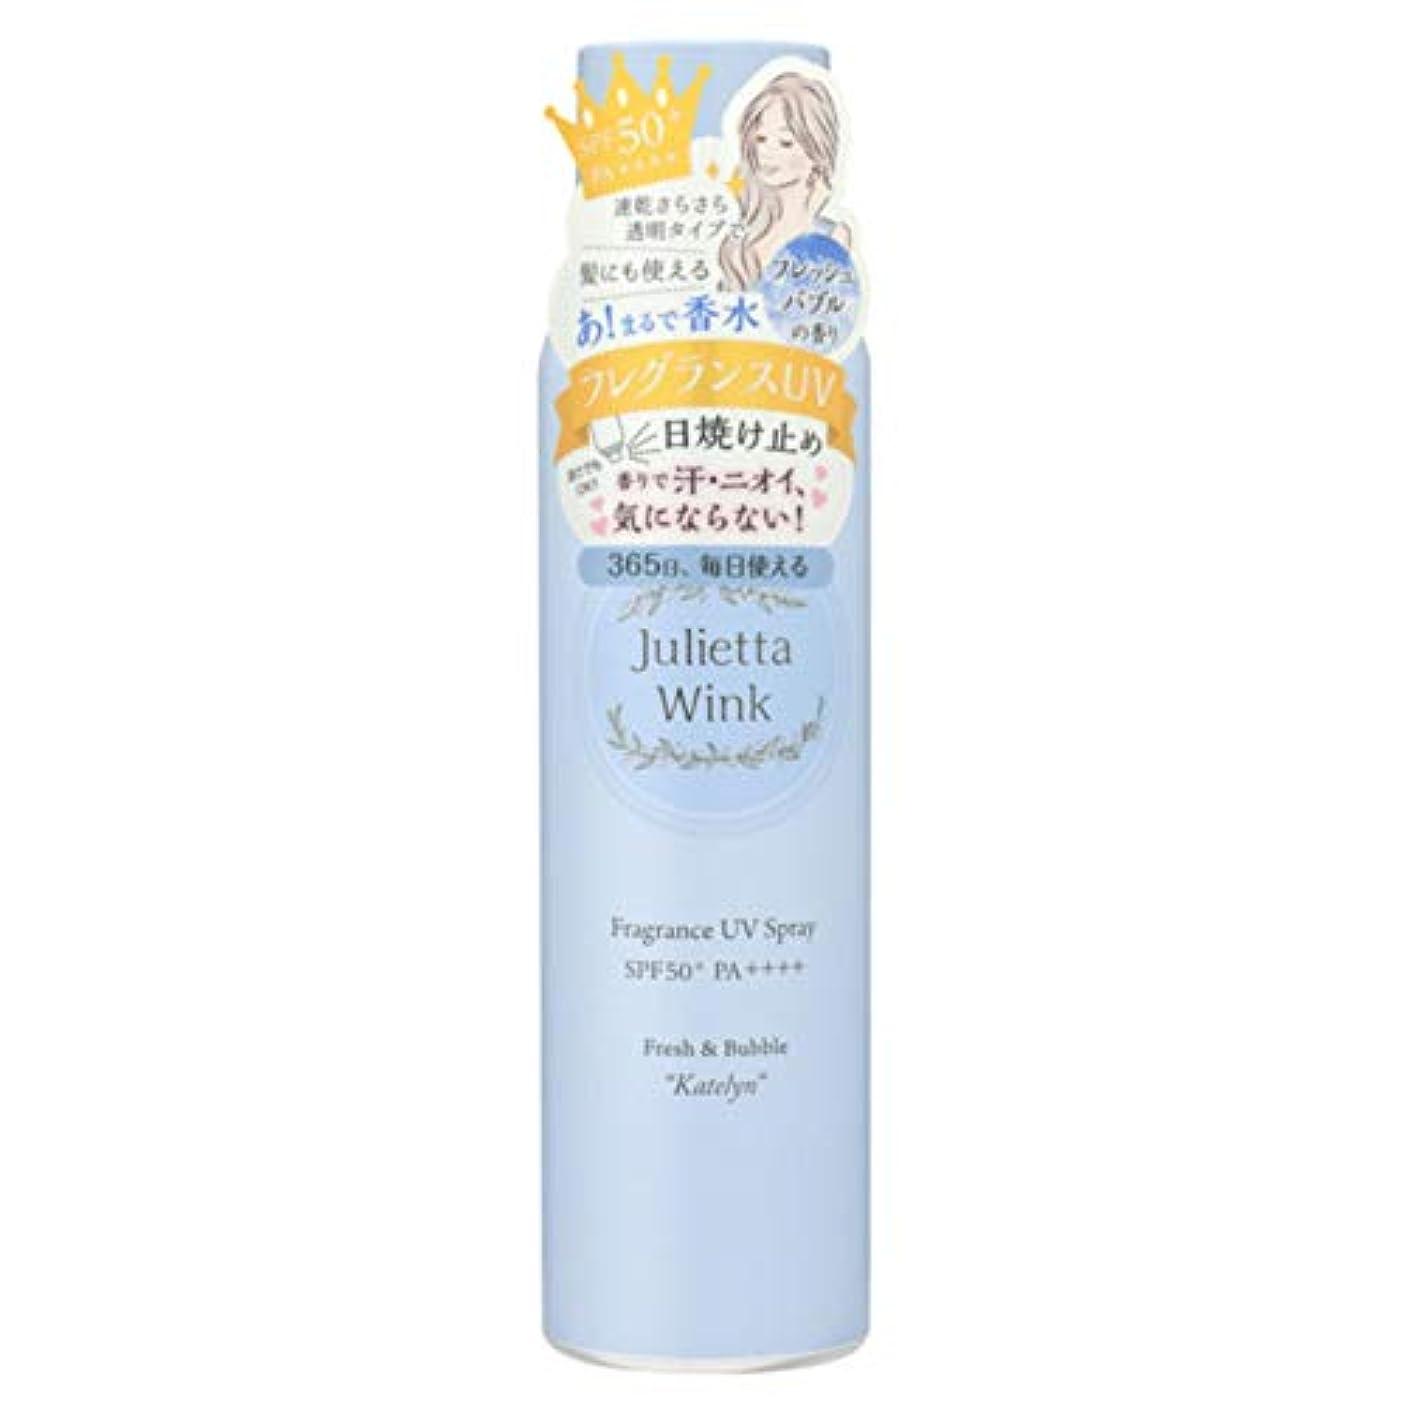 会話悲観的ラリーベルモントジュリエッタウィンク フレグランス UVスプレー[ケイトリン]100g フレッシュバブルの香り(ブルー)